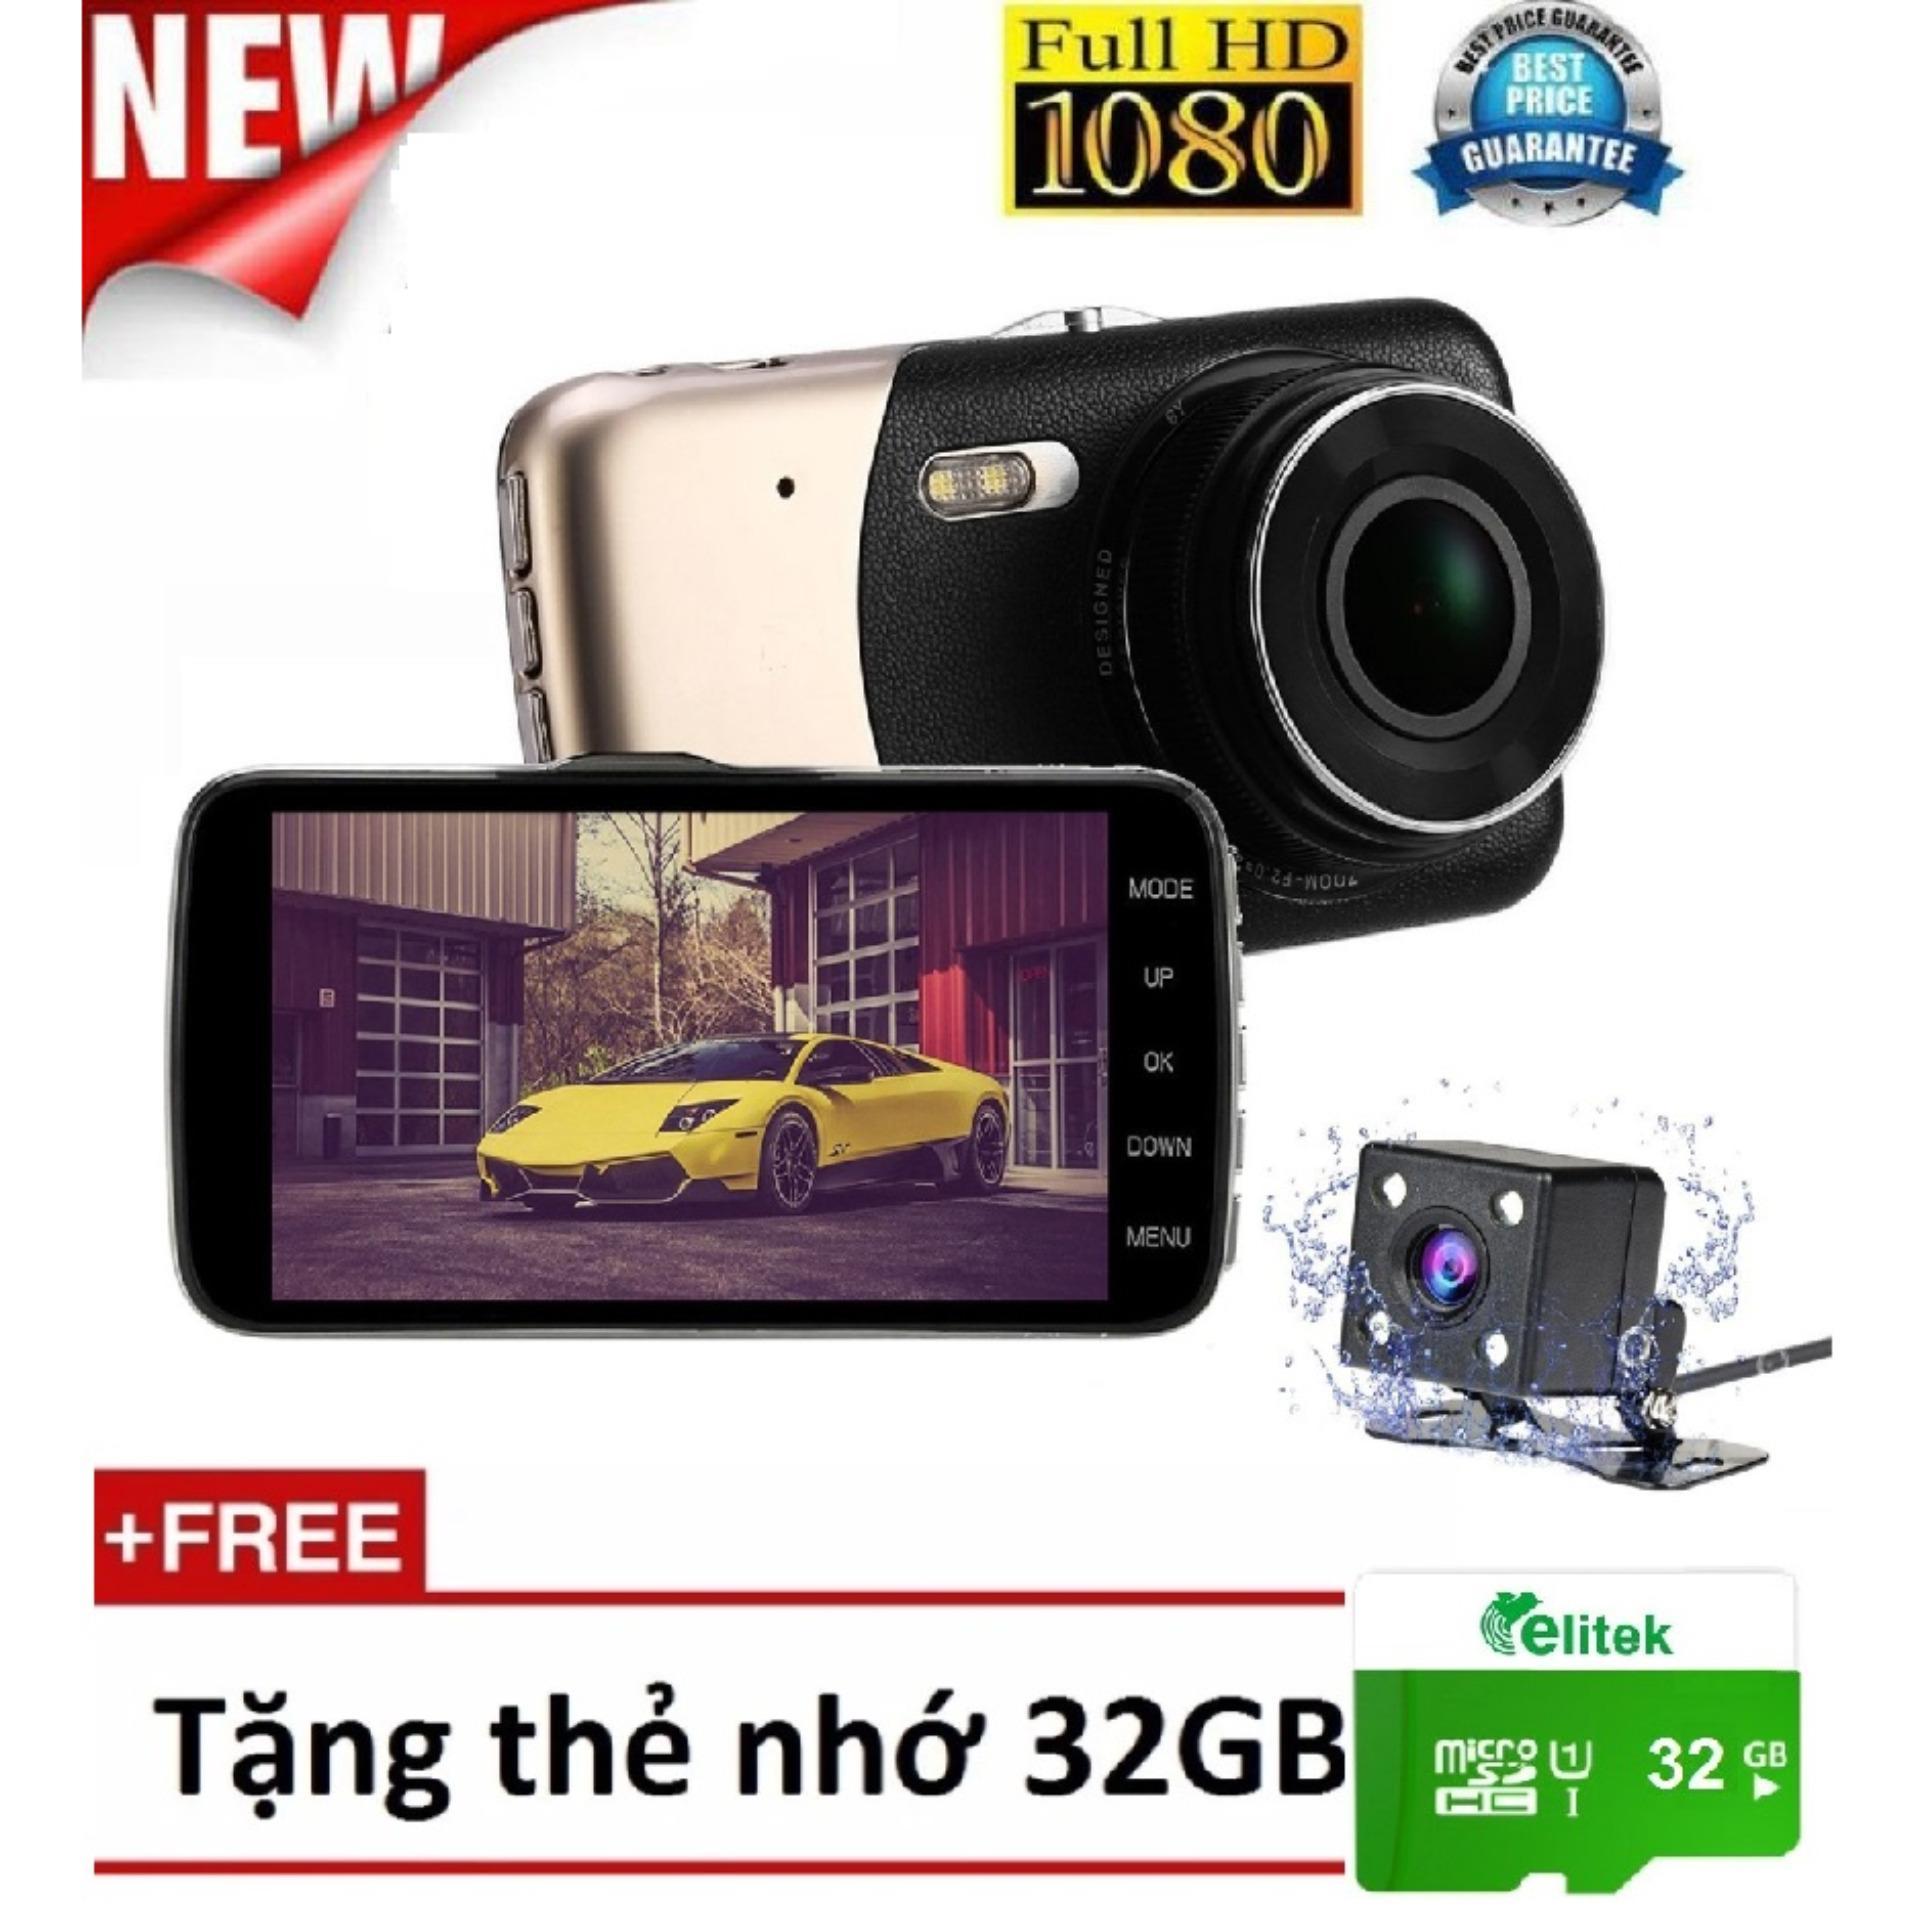 Camera Hành Trình – Camera Lùi Ghi Hình Siêu Full HD 1080P 2560 Nét Free Thẻ 32GB